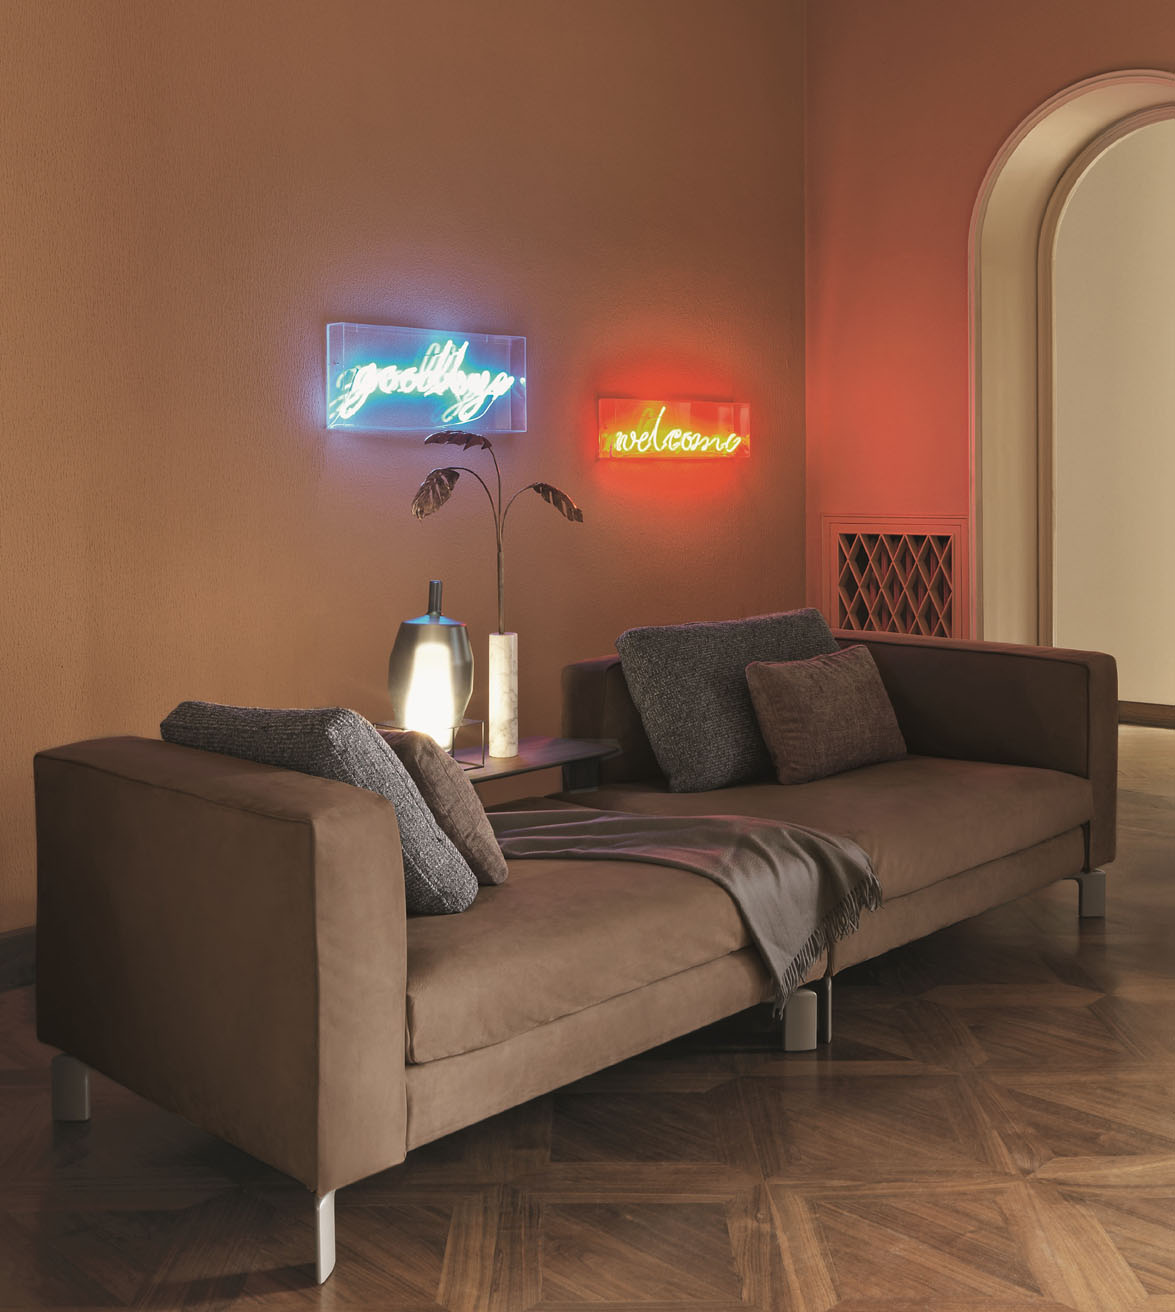 Divano flou simple divani letto divano letto piazzaduomo da flou with divano flou great divano - Divano modulare economico ...